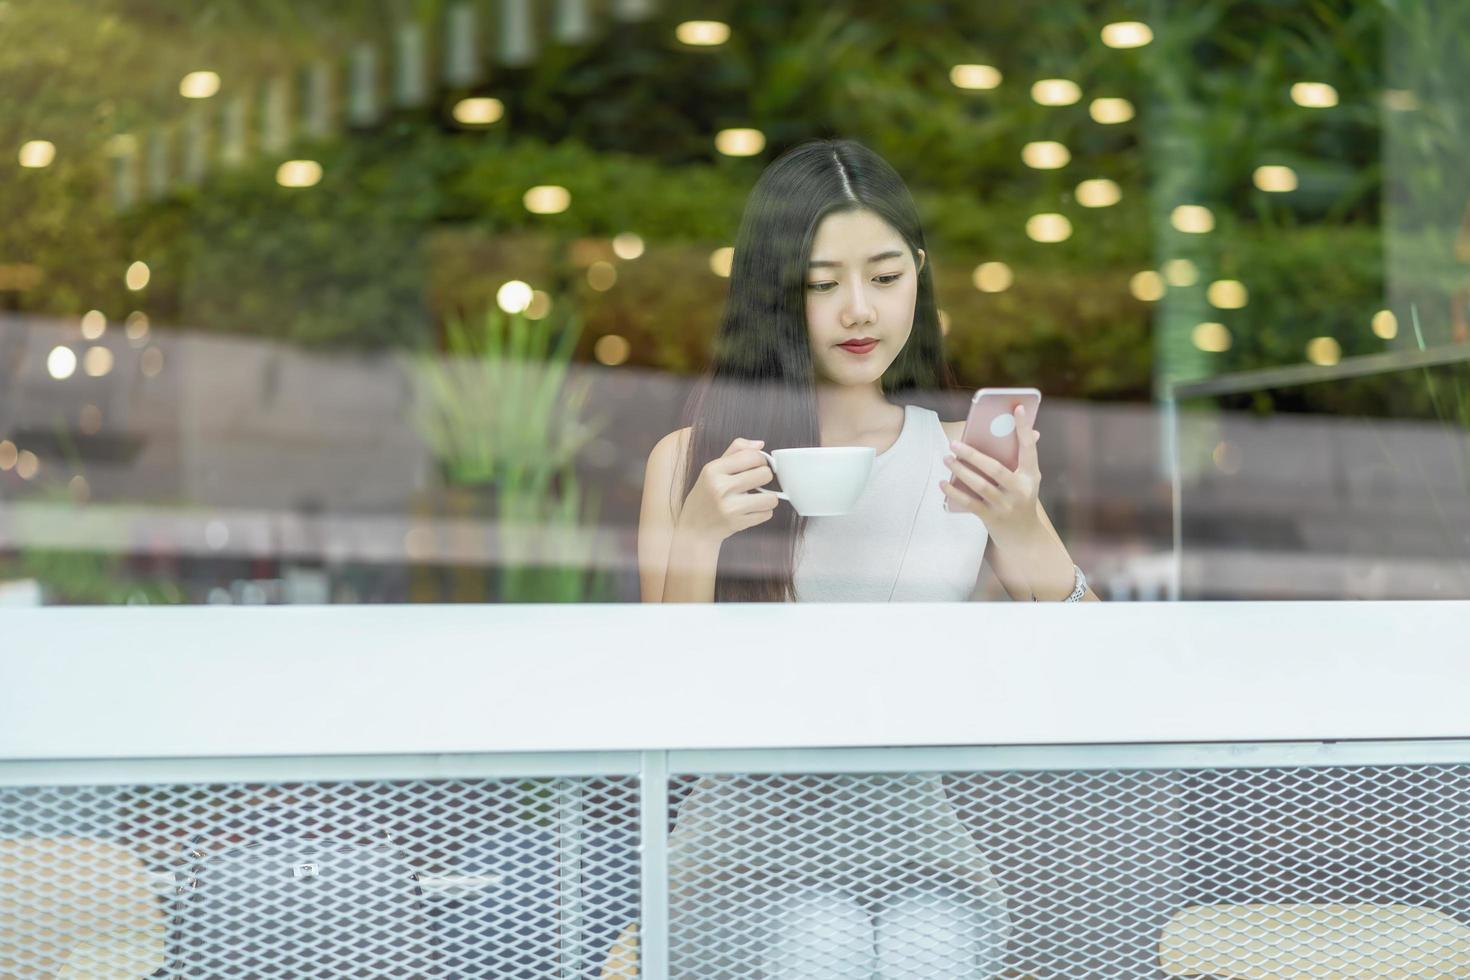 Una joven mujer asiática que trabaja en una cafetería foto